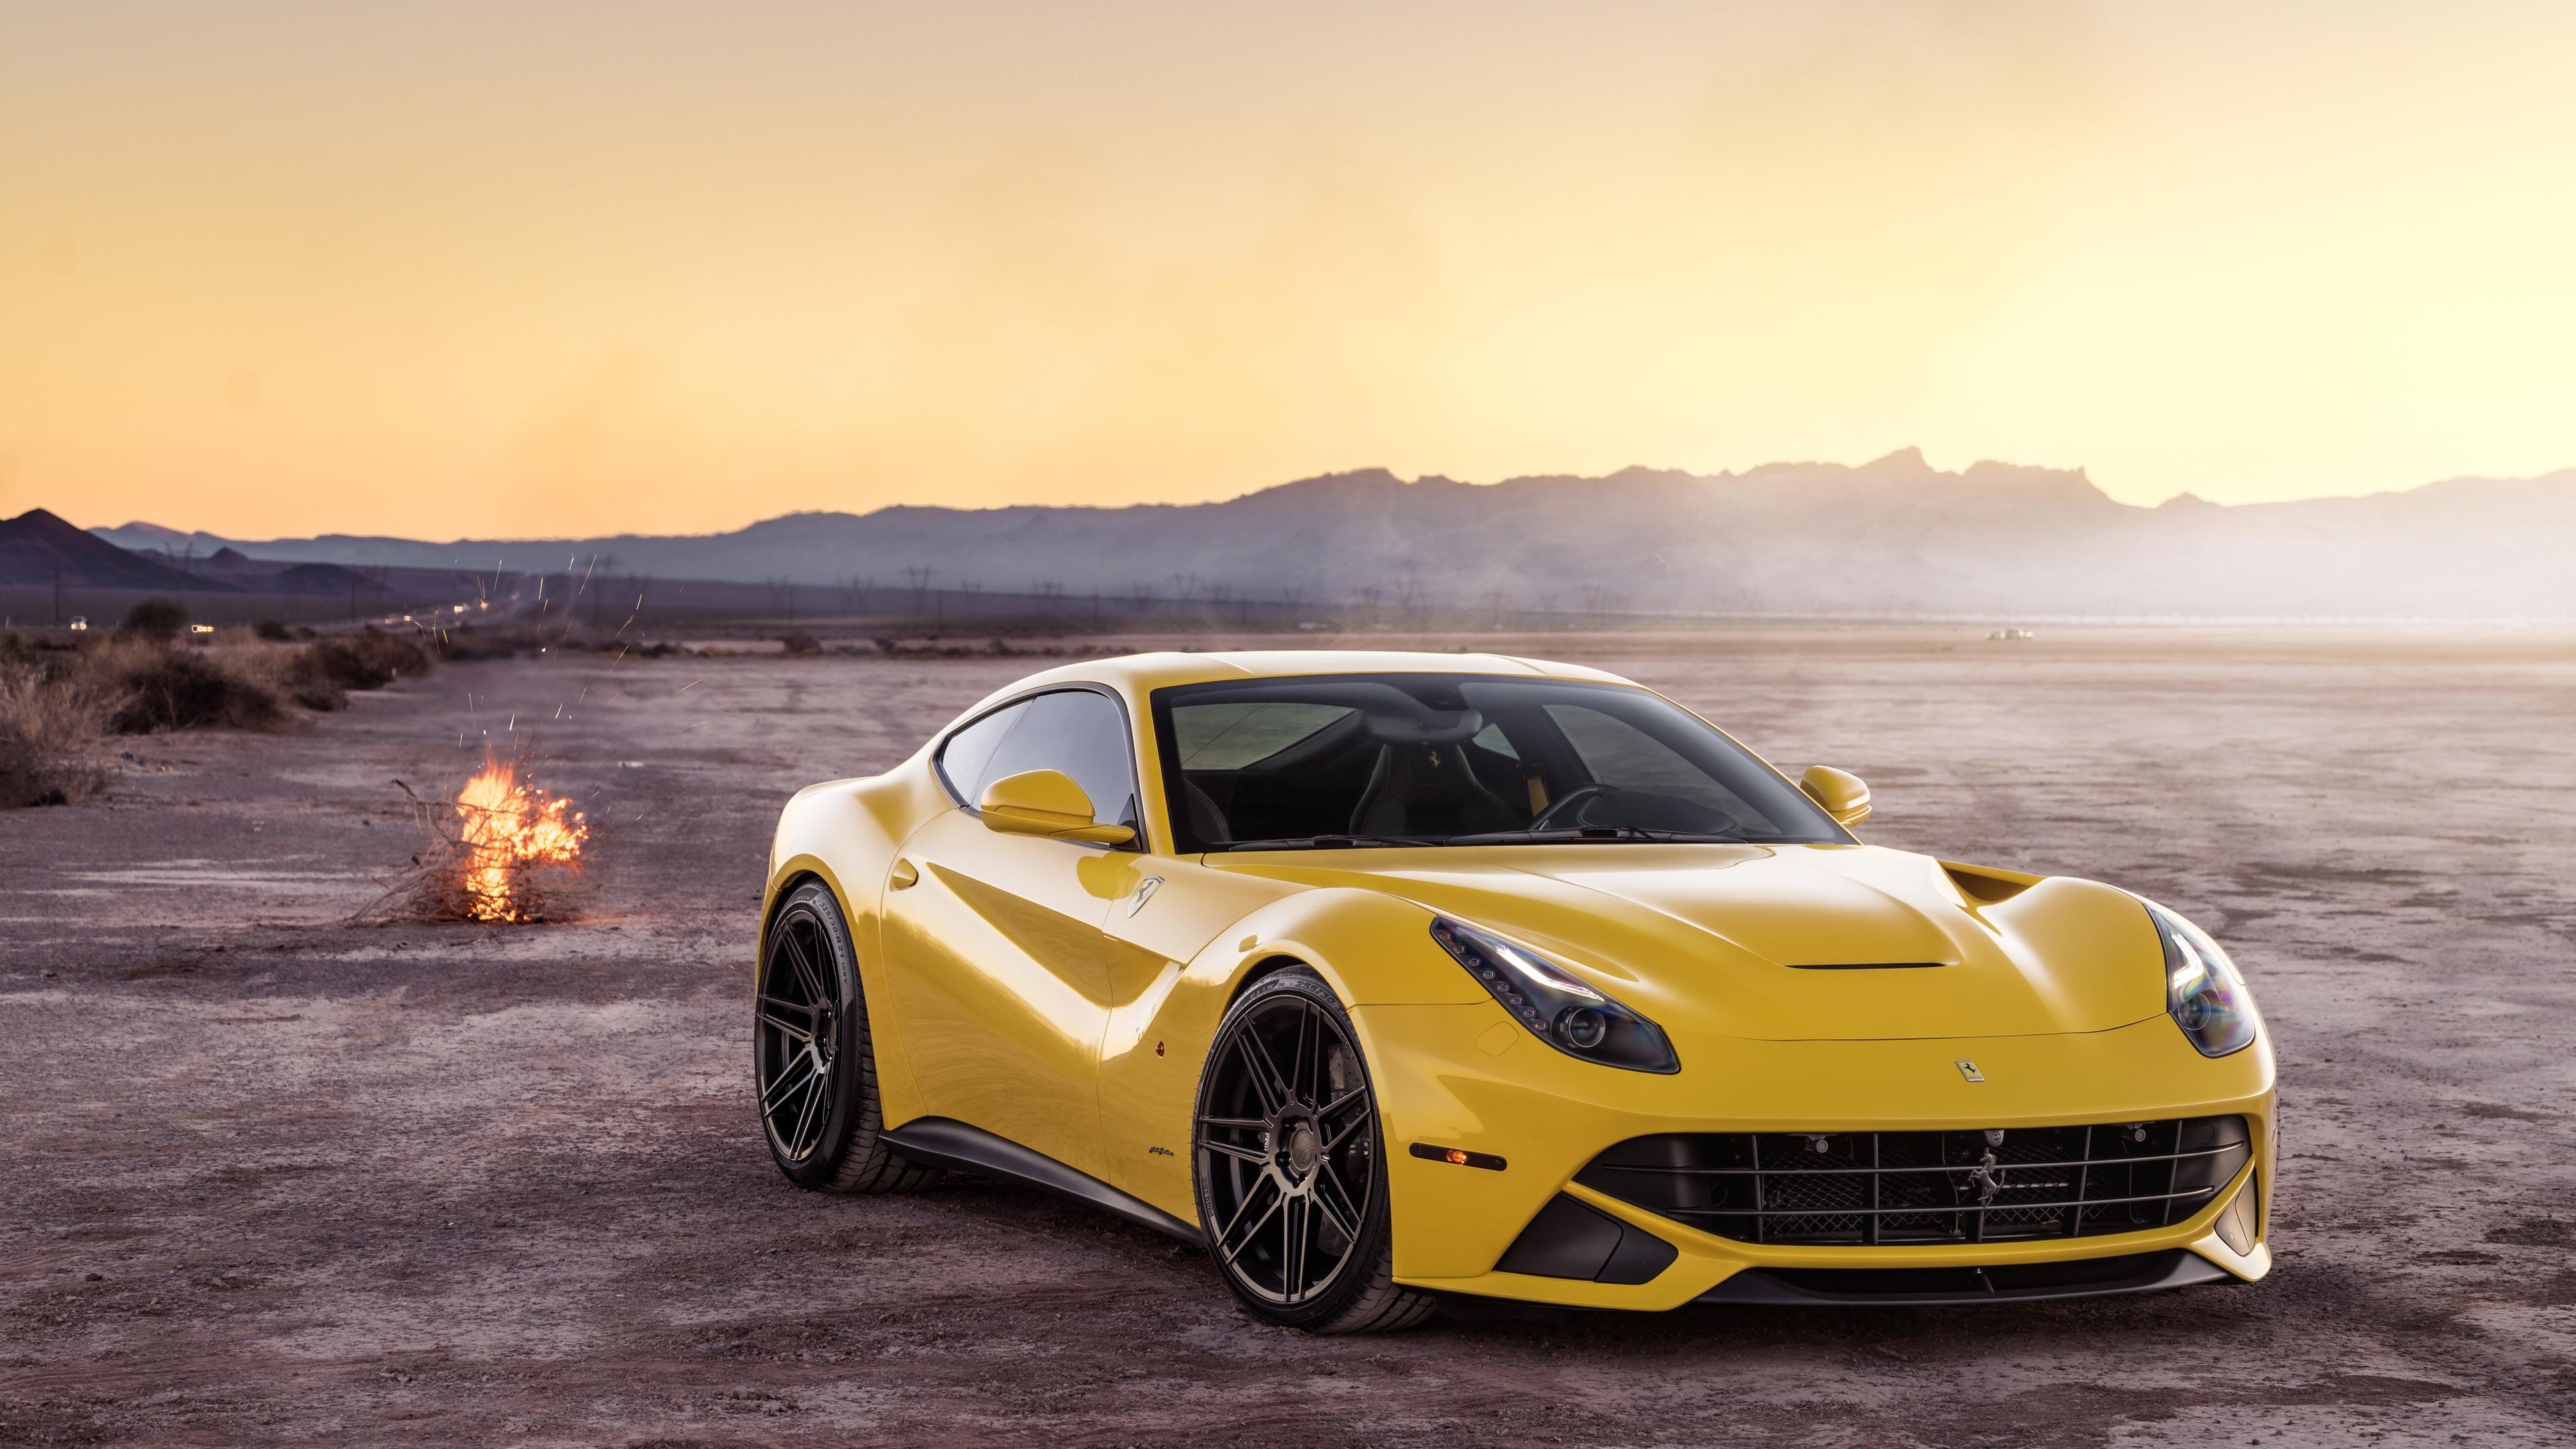 ferrada sema yellow ferrari f12 front 1539111845 - Ferrada Sema Yellow Ferrari F12 Front - hd-wallpapers, ferrari wallpapers, ferrari 488 wallpapers, cars wallpapers, artist wallpapers, 8k wallpapers, 5k wallpapers, 4k-wallpapers